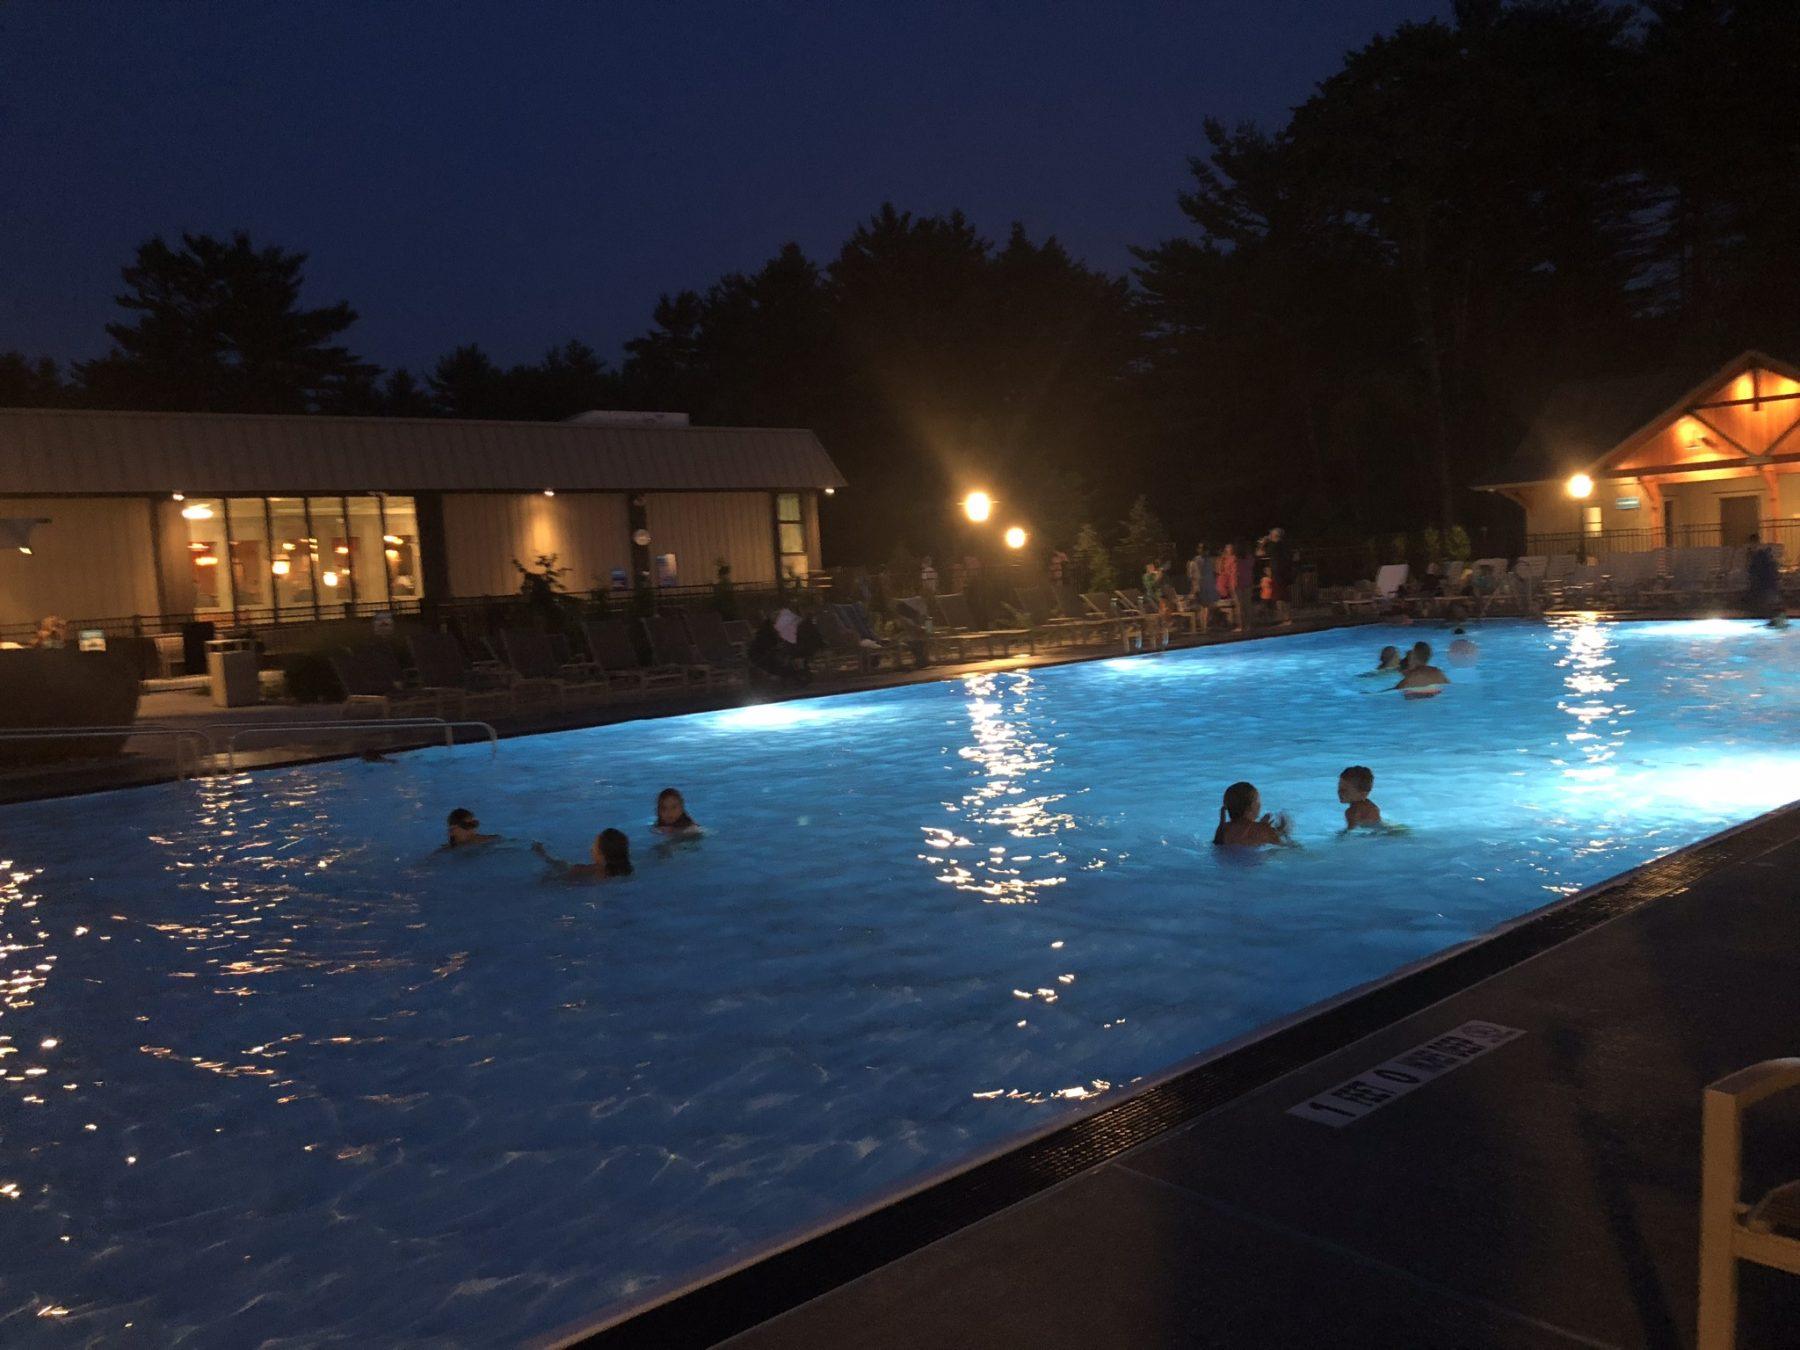 people swimming in pool a night